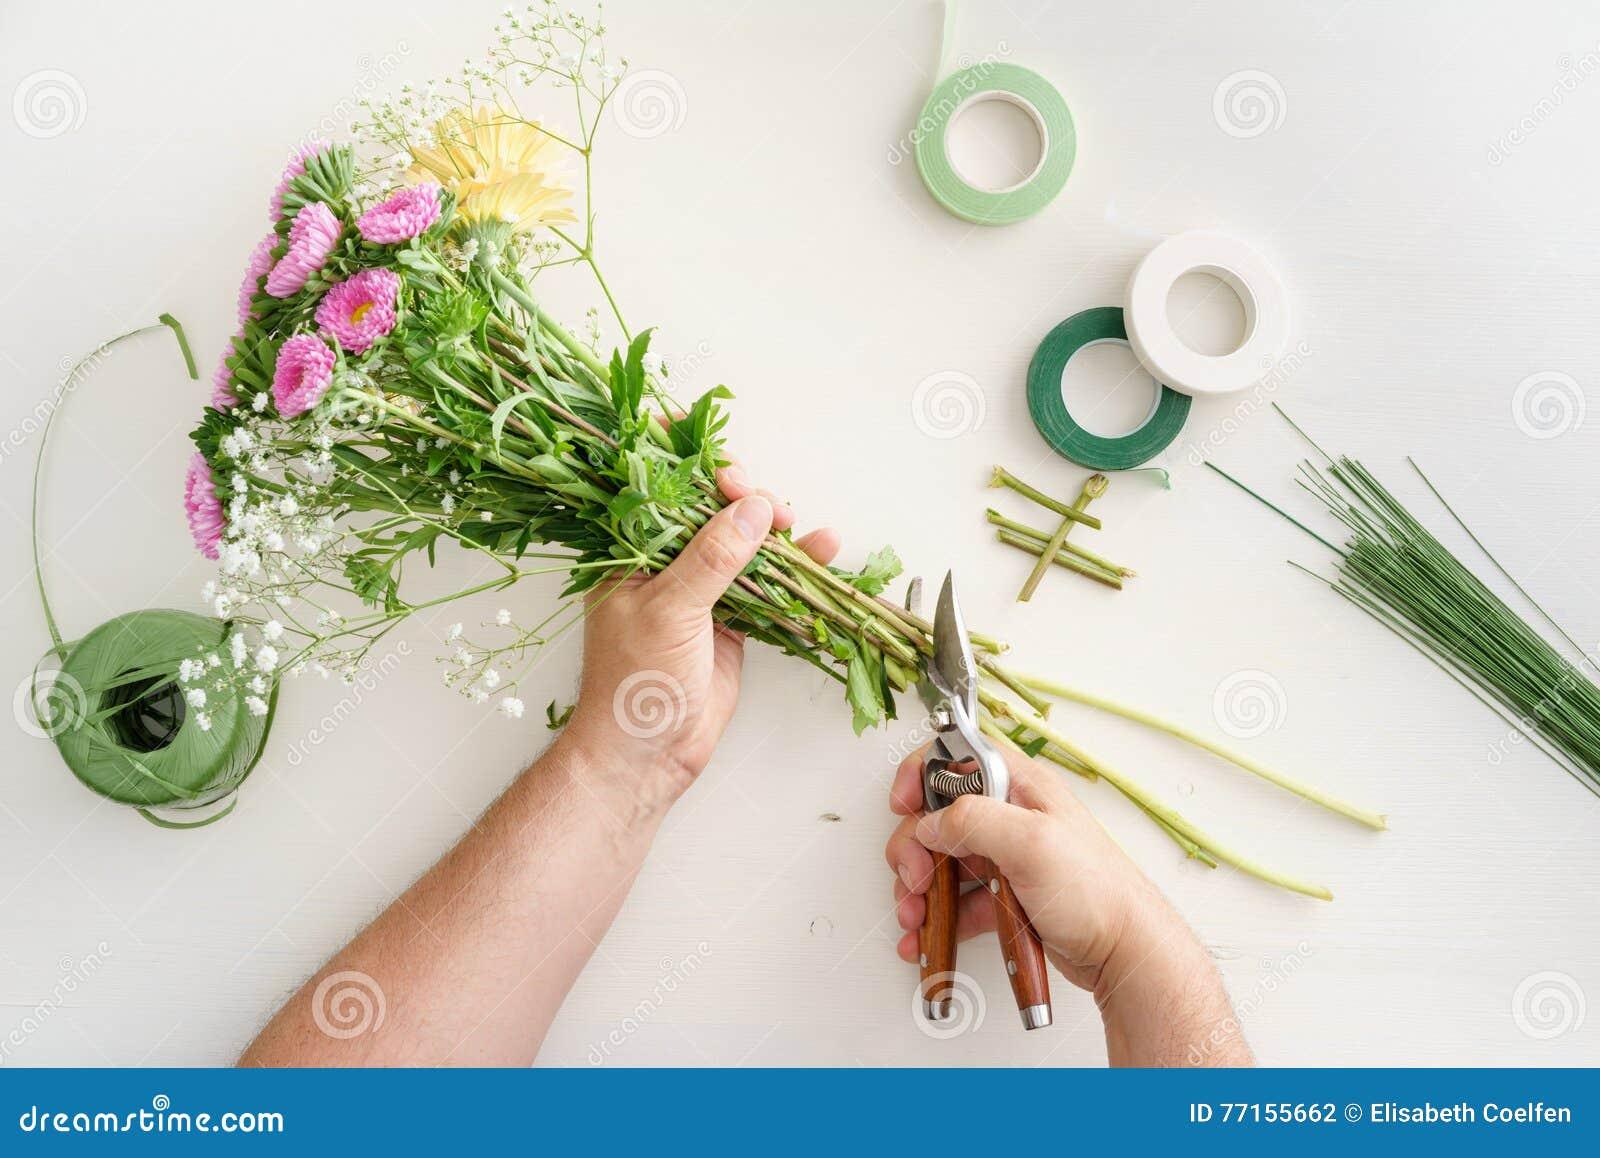 Homme arrangeant des fleurs